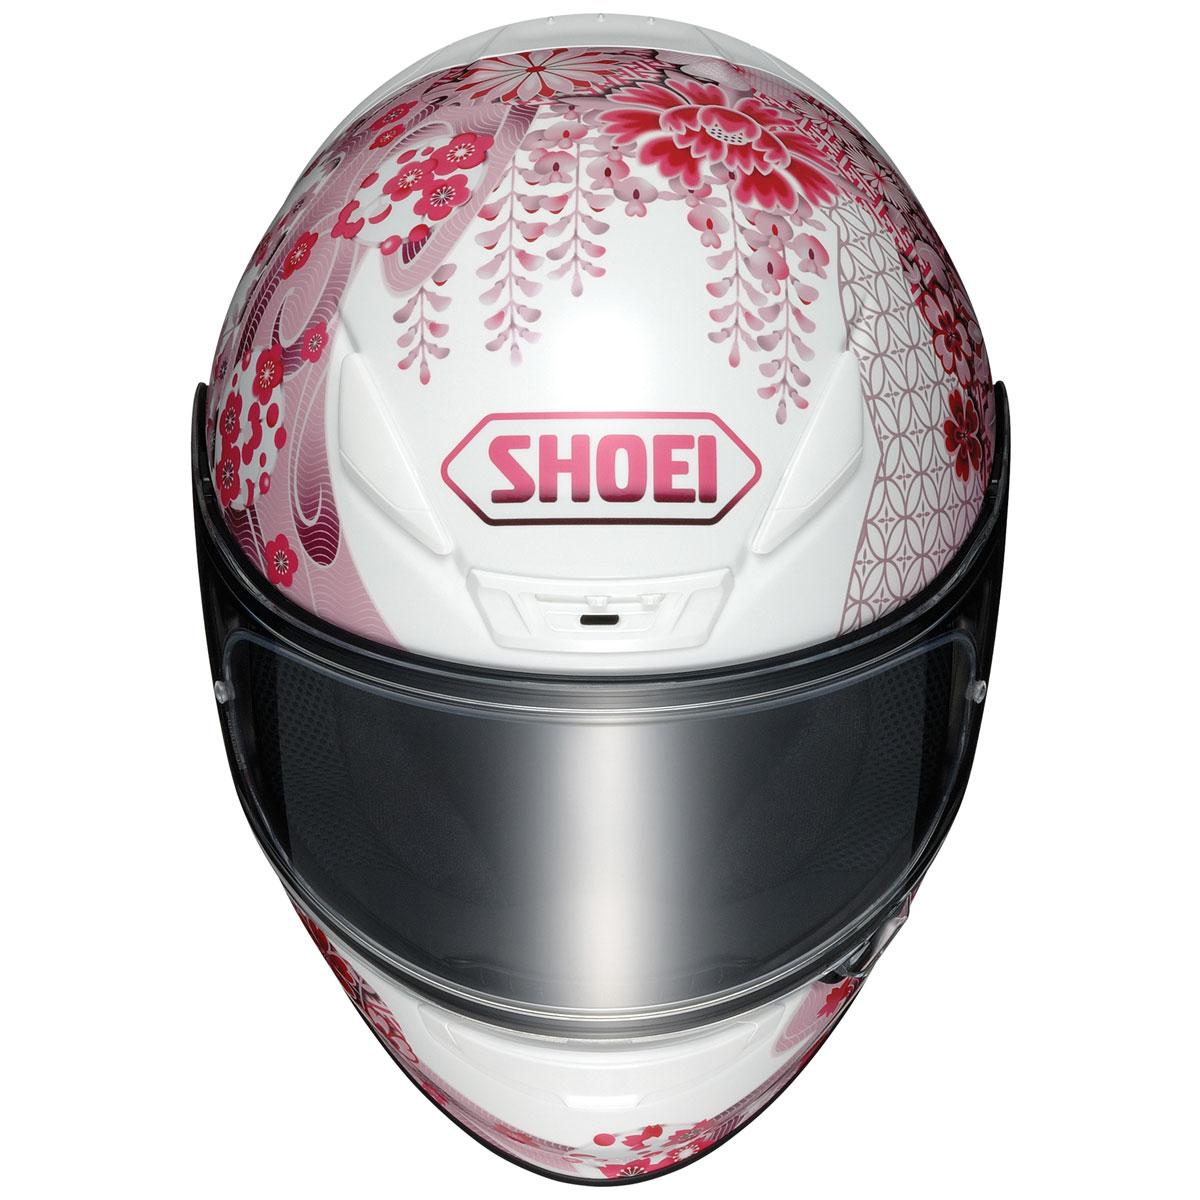 Shoei RF-1200 Harmonic Pink/White Full Face Helmet